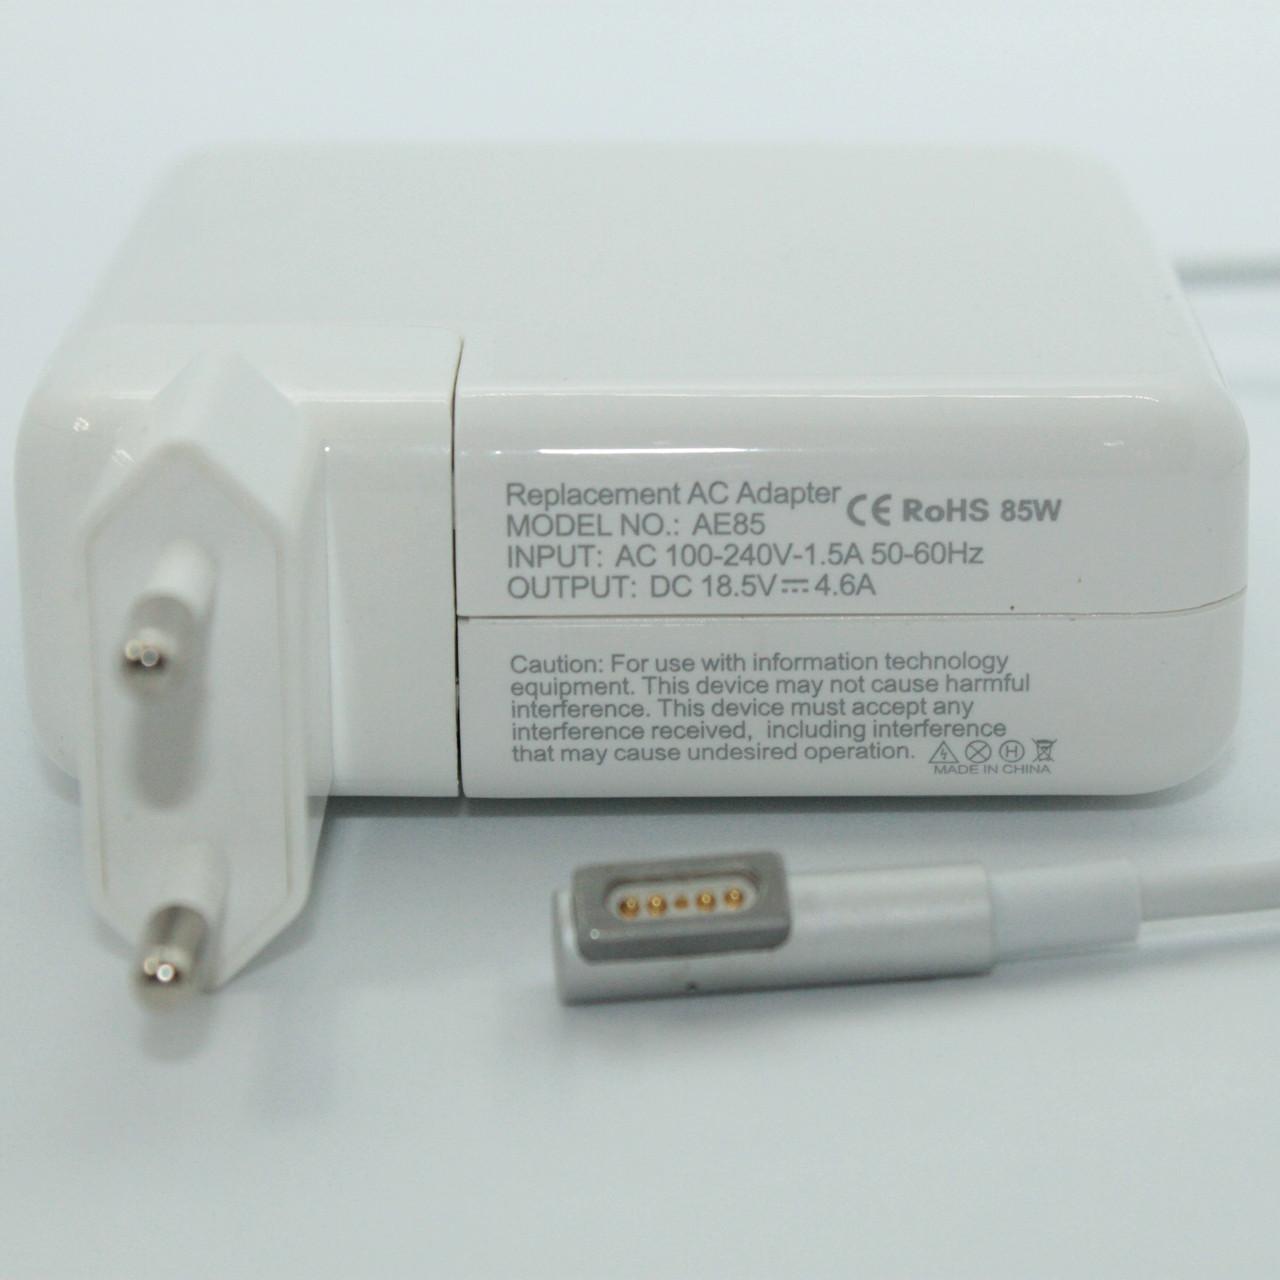 Зарядные устройства для ноутбука Apple 18.5V 4.6A 85W MagSave AE85 OEM Блок питания